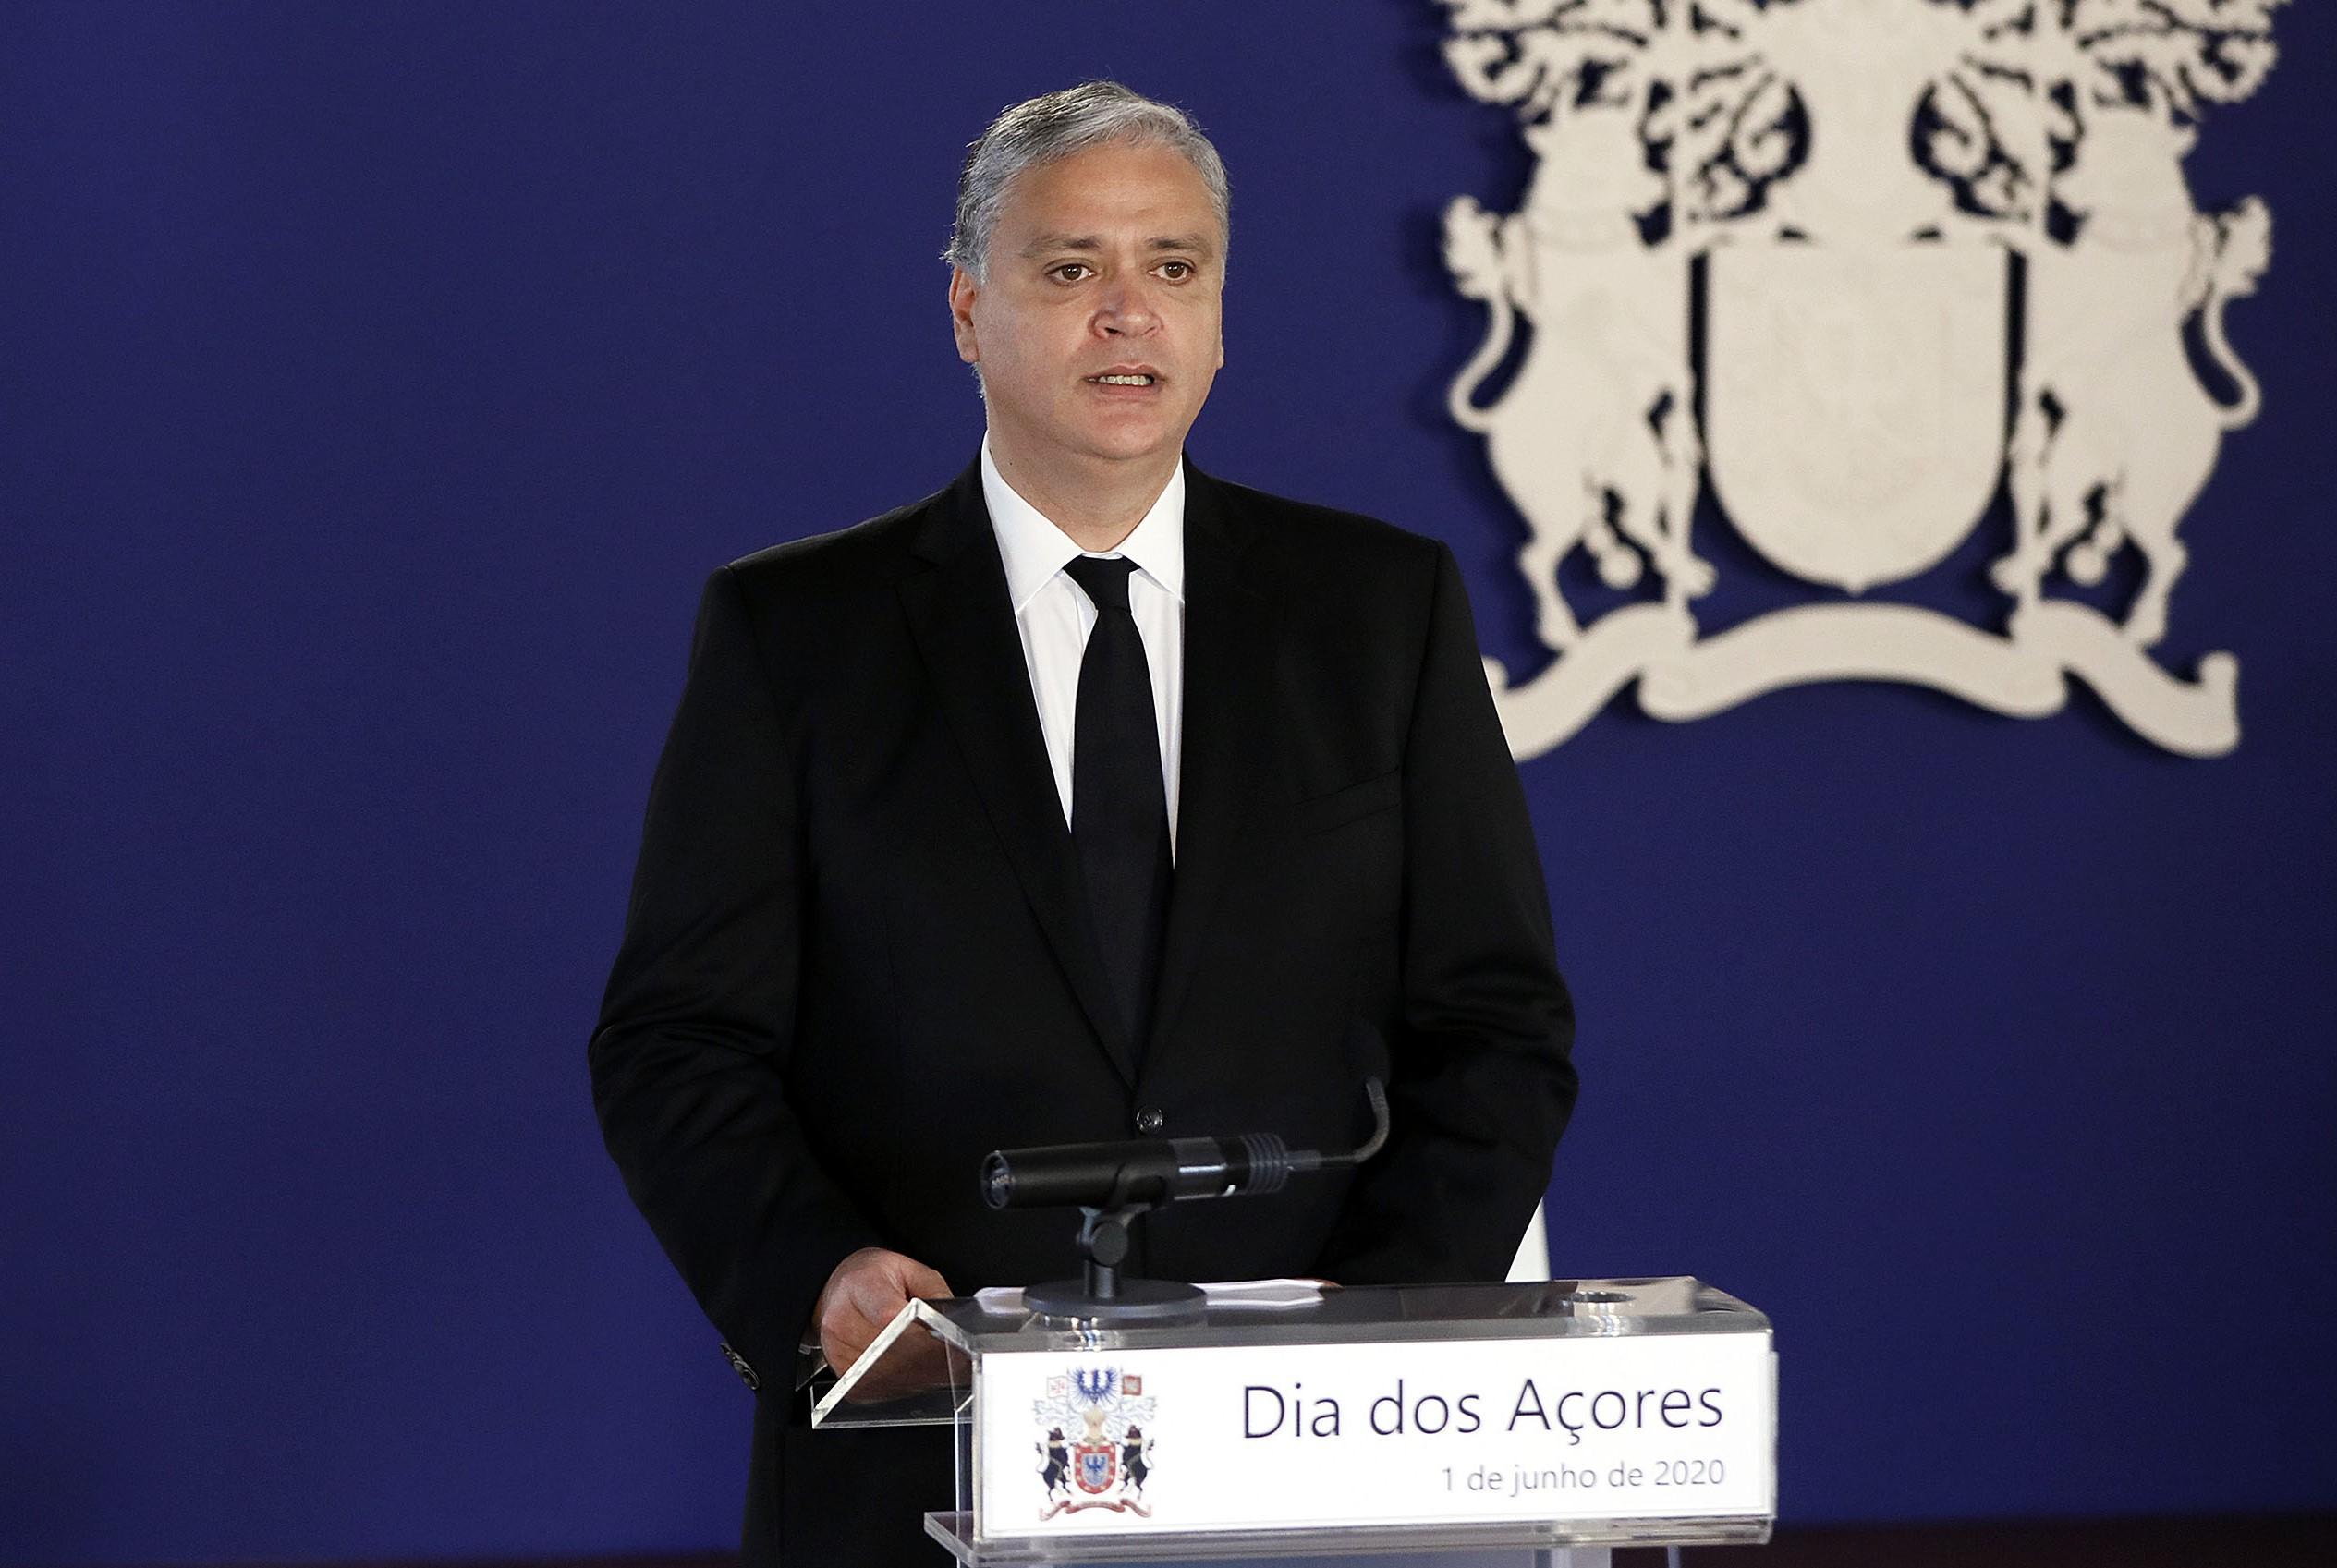 Cerimónia Evocativa do Dia da Região 2020 - Discurso de Sua Excelência o Presidente do Governo Regional dos Açores